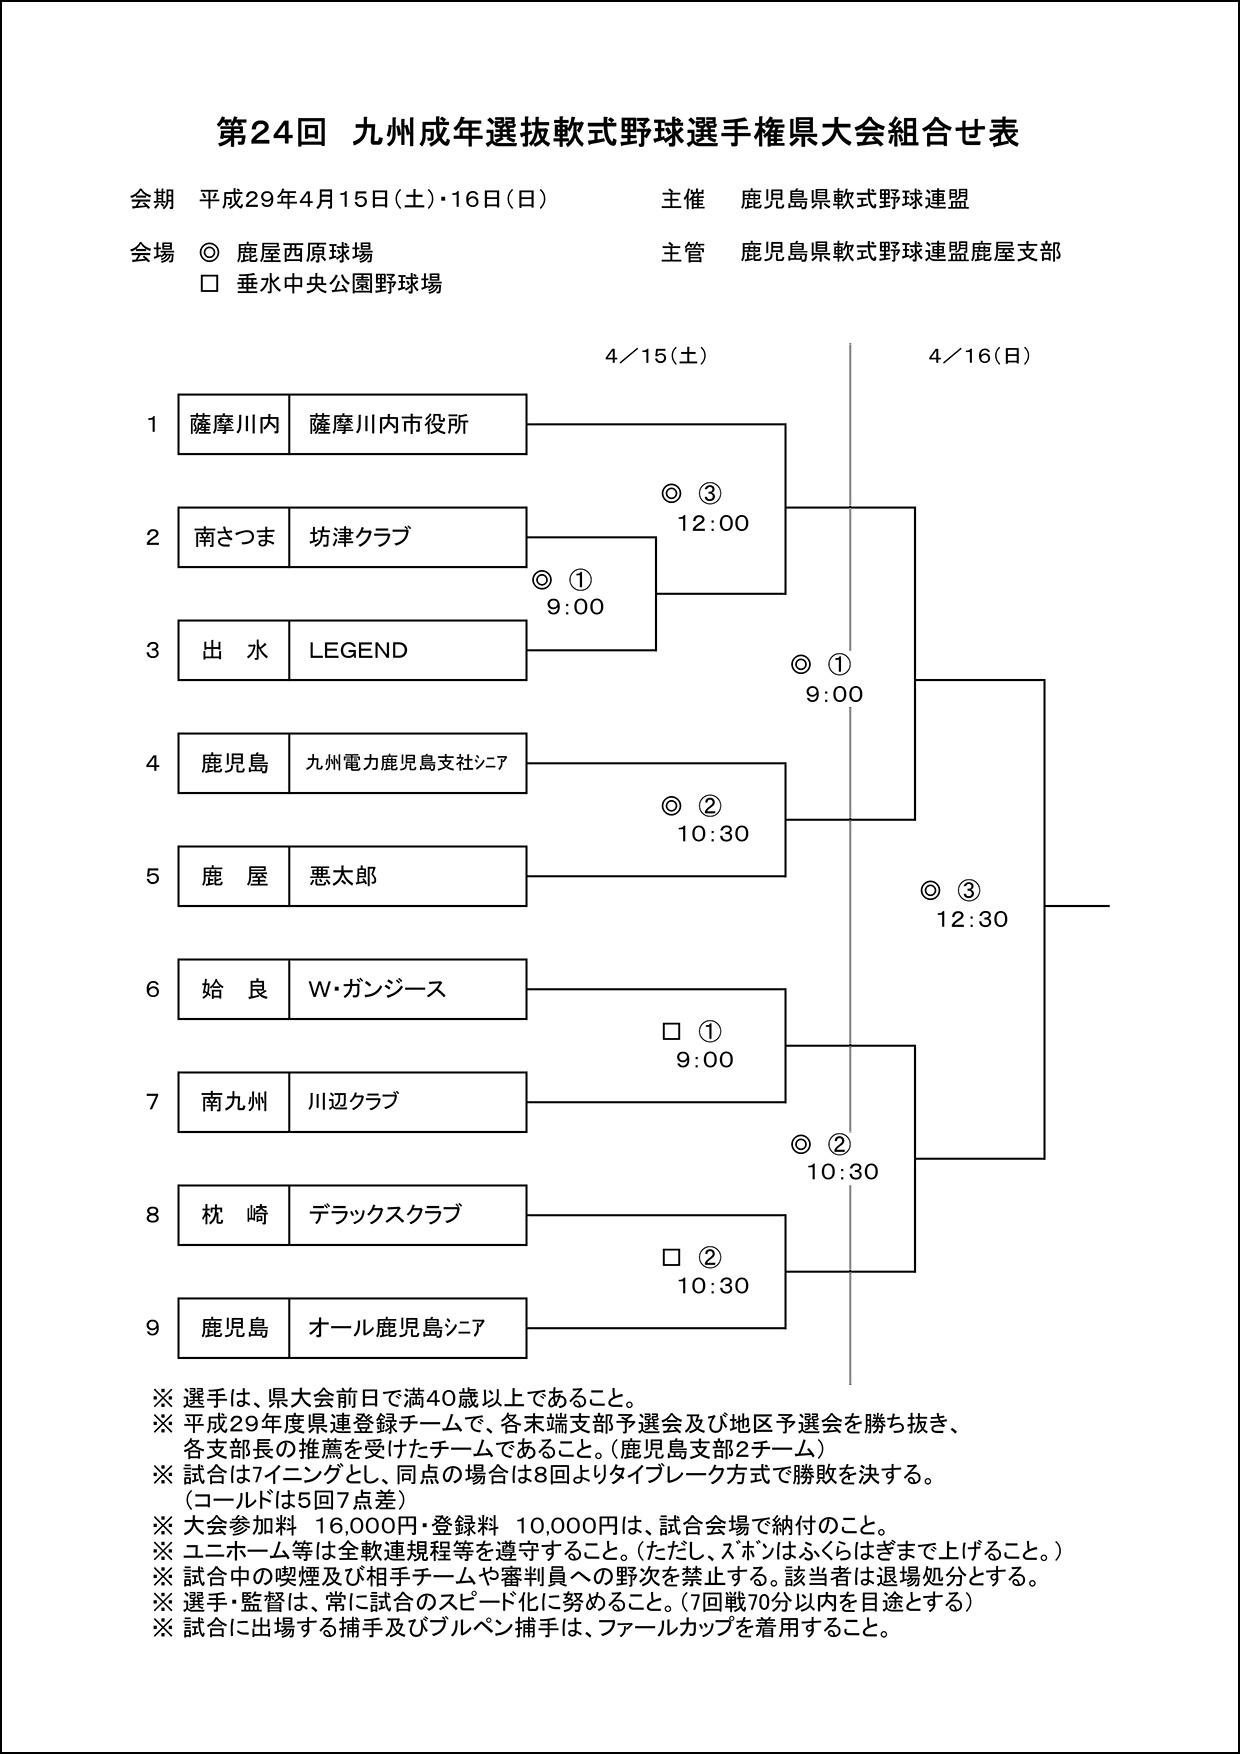 ▽【組合せ】第24回九州成年選抜軟式野球選手権県大会組合せ表